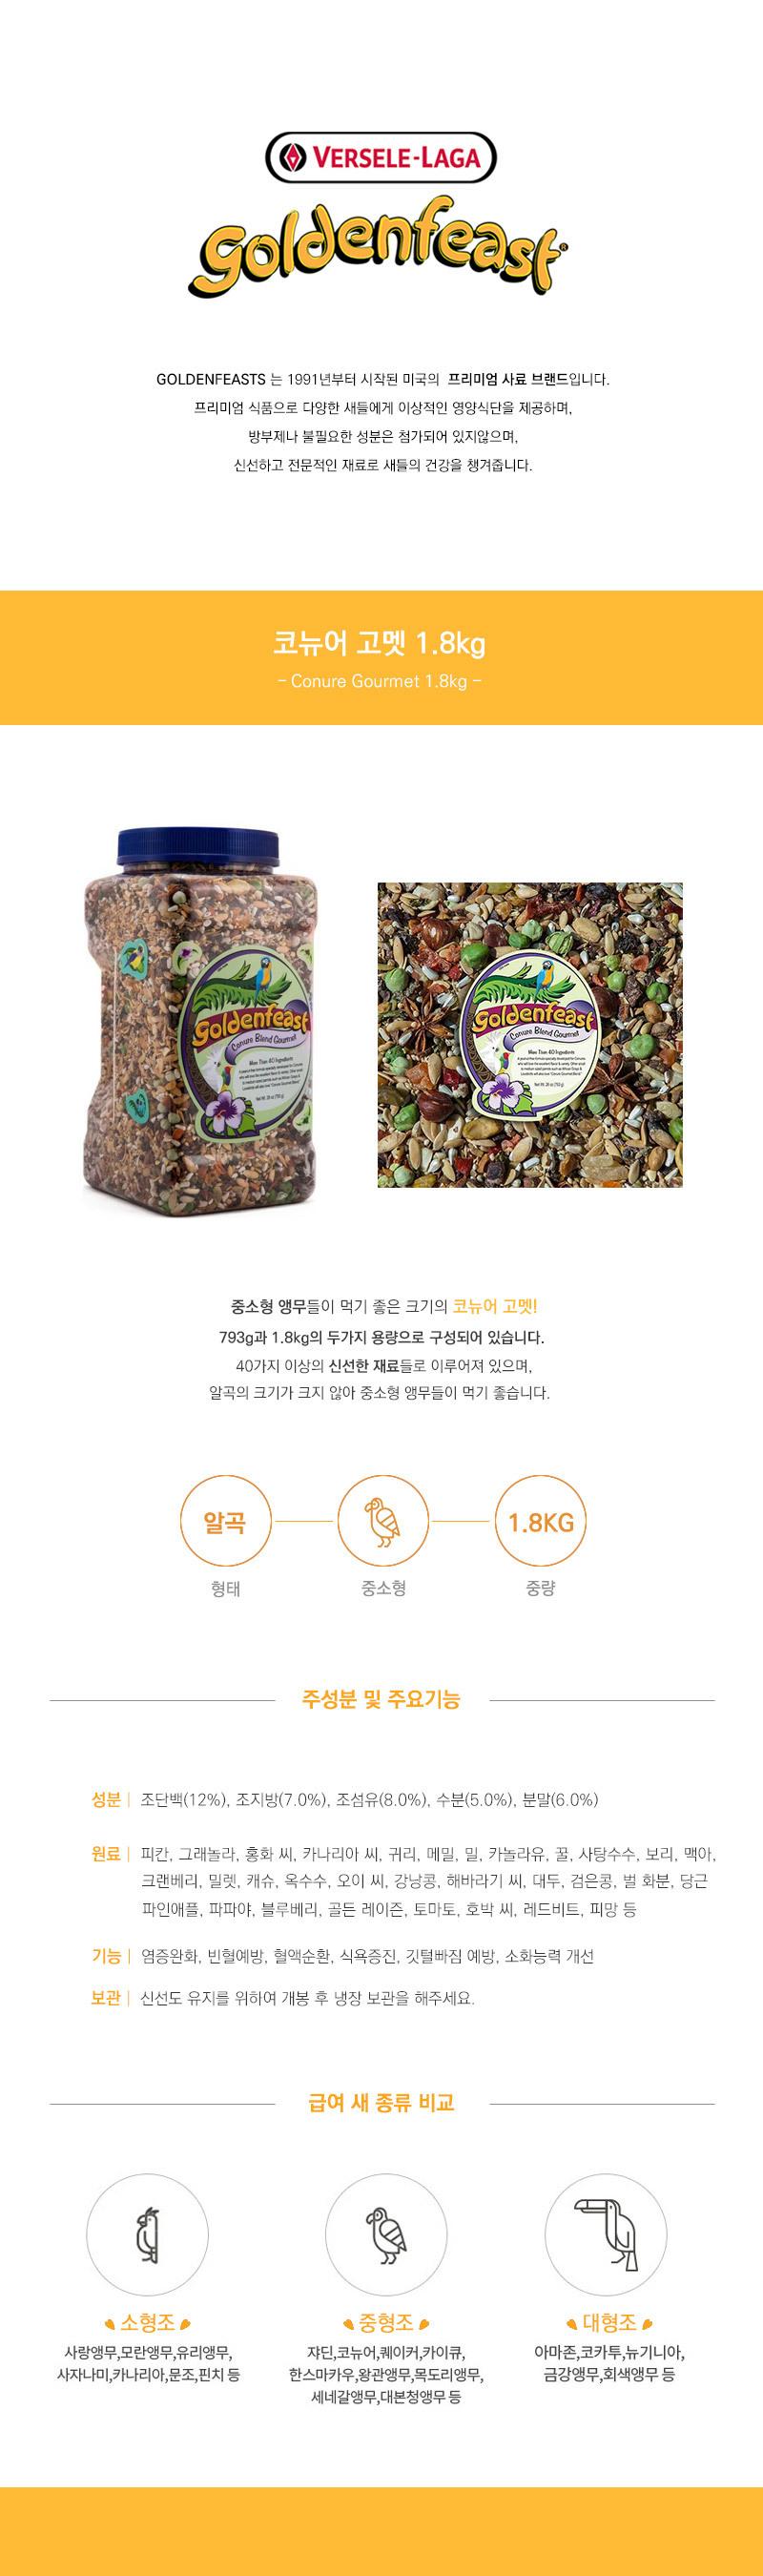 새들에게 사랑받는 코뉴어고멧 1.8kg 1box 6개입 - 익스트리모, 300,000원, 조류용품, 사료/모이